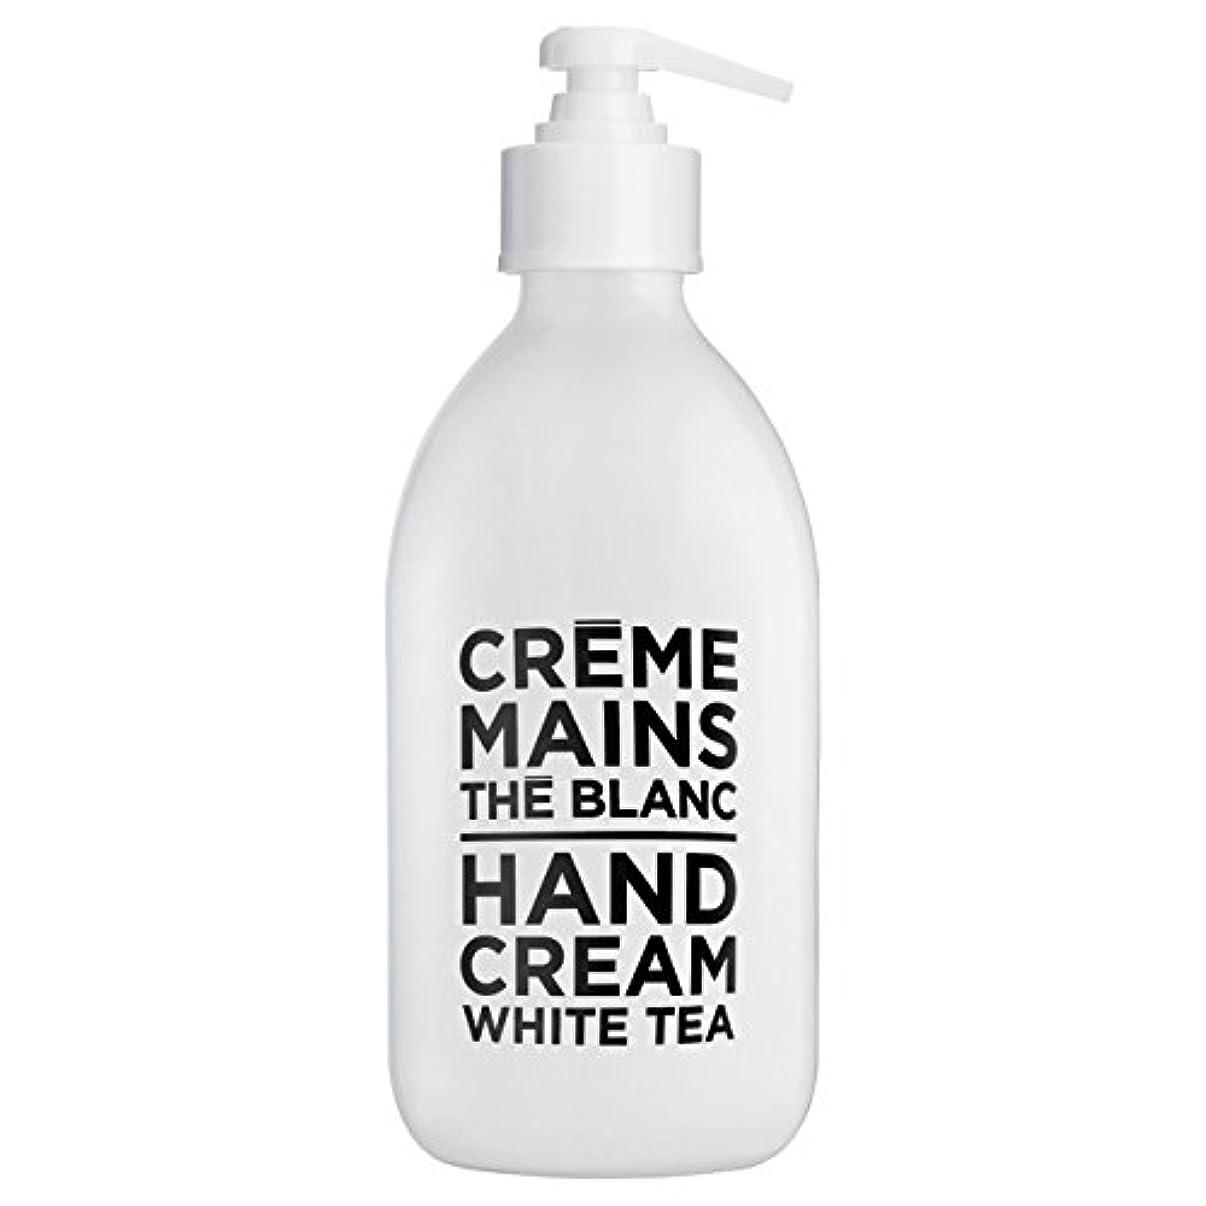 今日唯物論準備するカンパニードプロバンス ブラック&ホワイト ハンドクリーム ホワイトティー(ホワイトティーにシトラスを添えた気品ある香り) 300ml